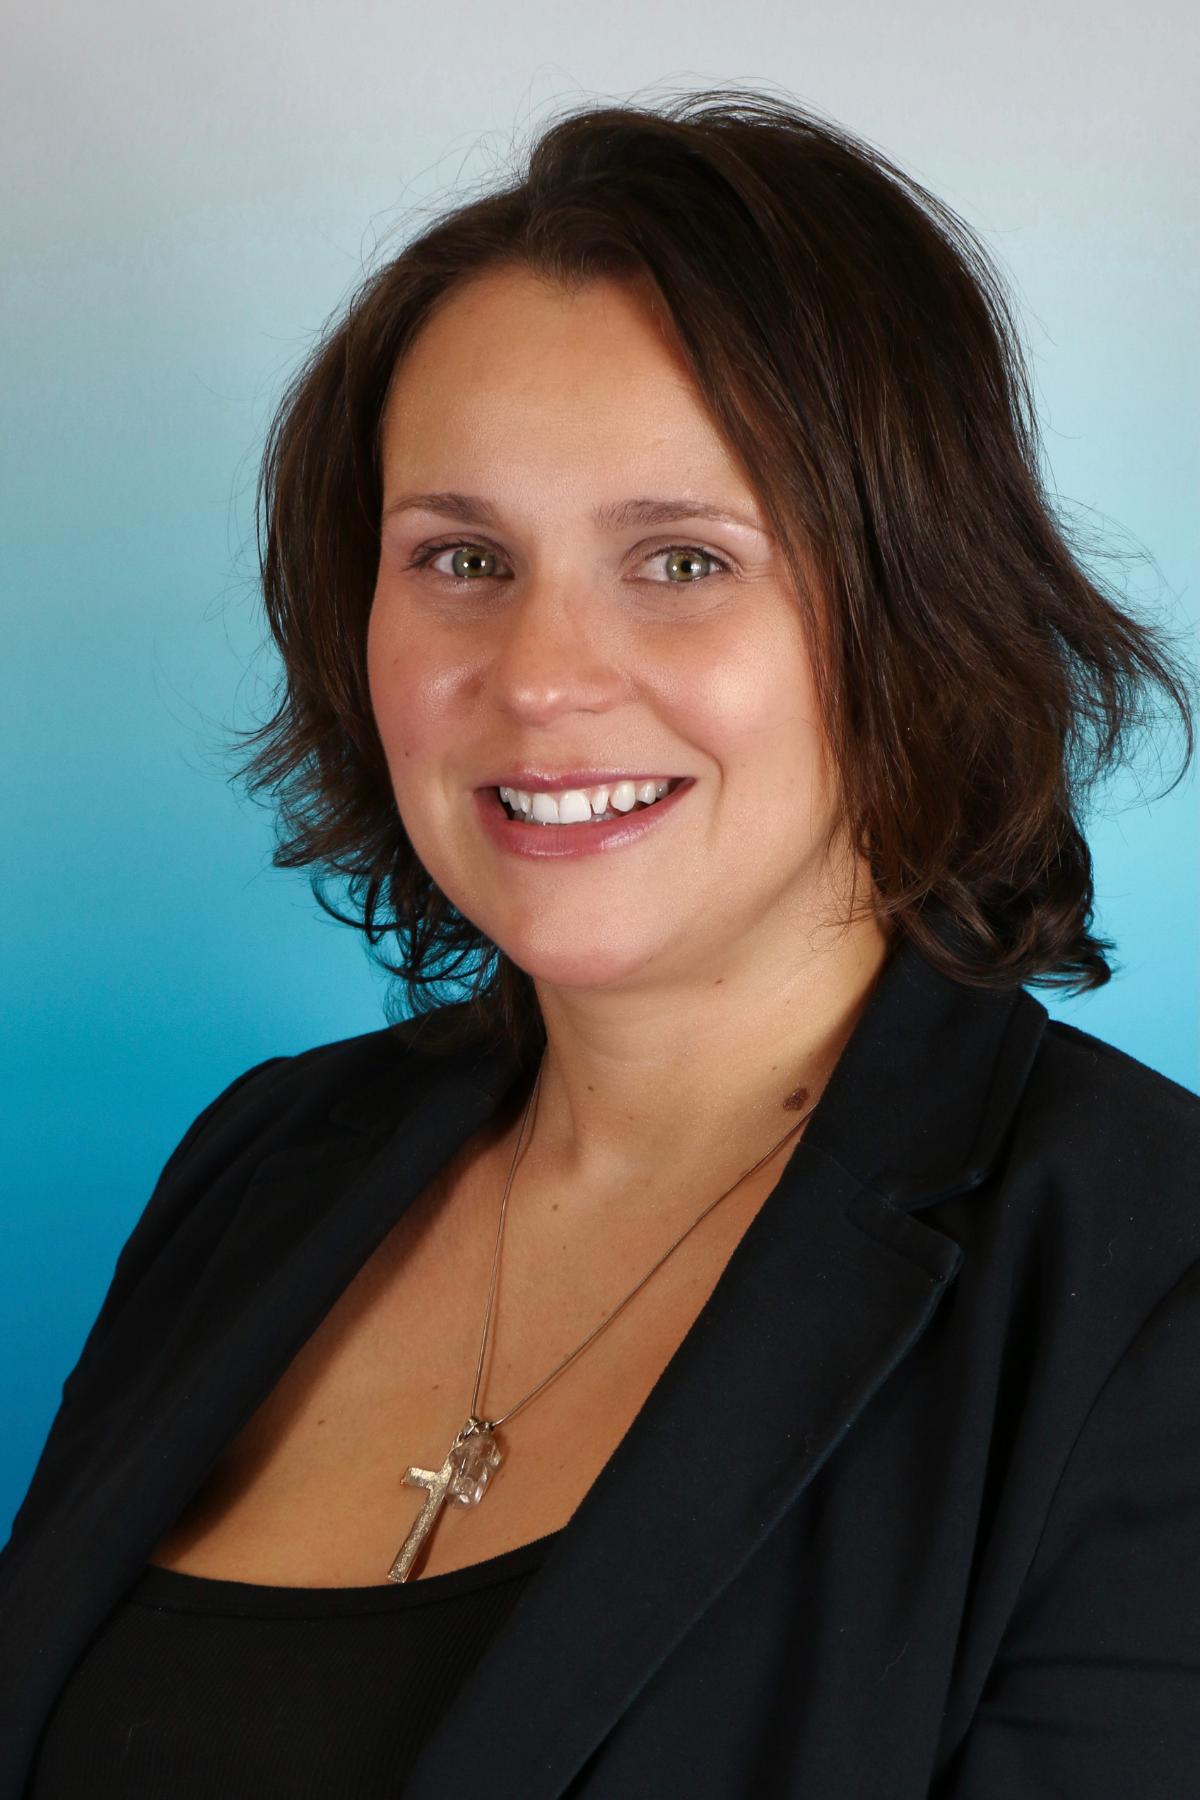 Tina Talmadge